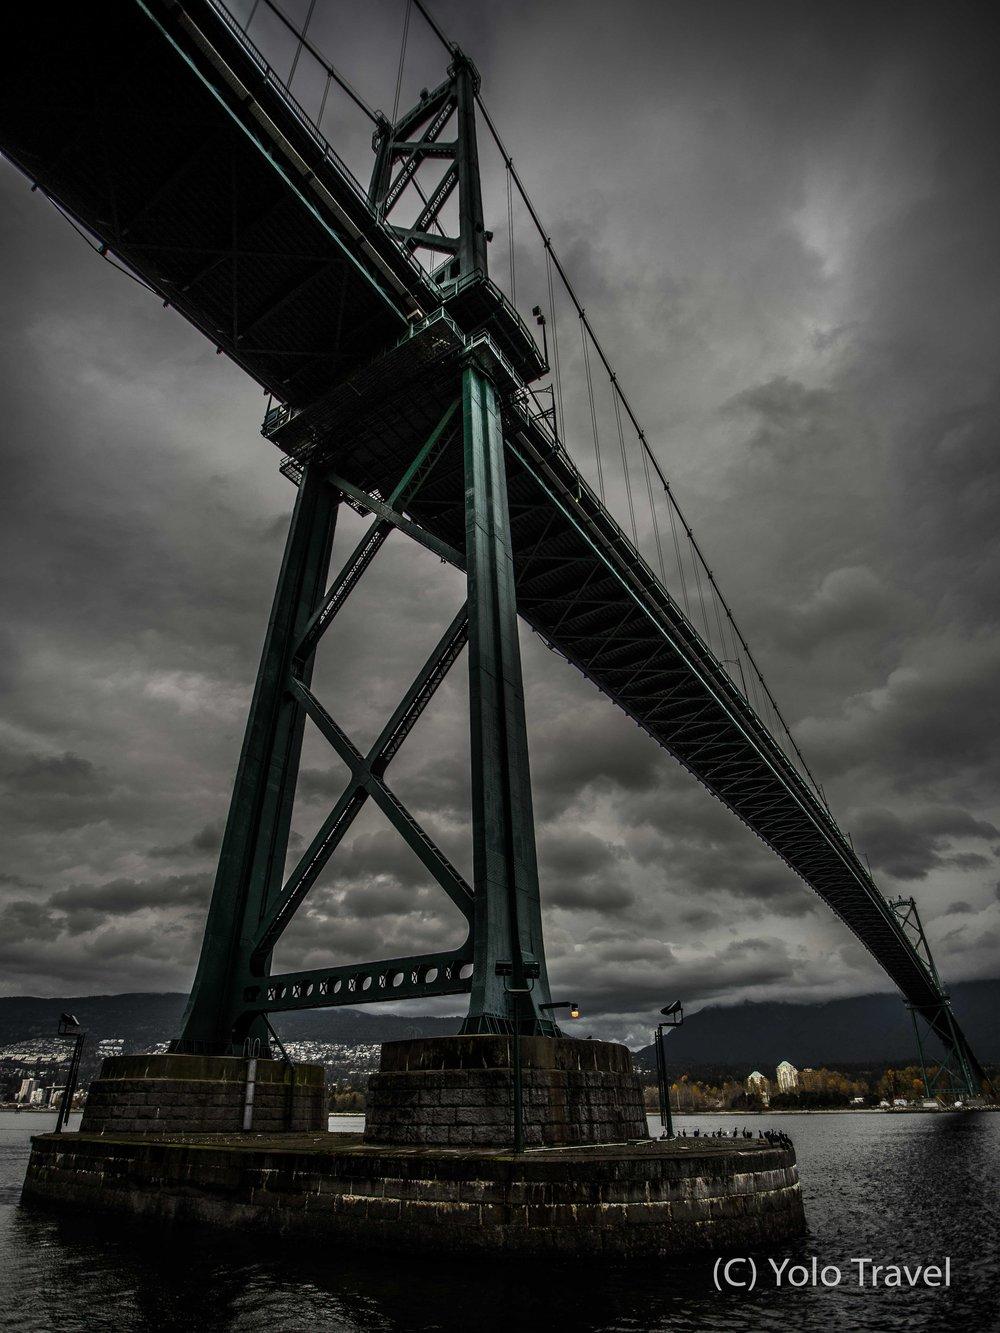 Vancouver's Lions Gate Bridge